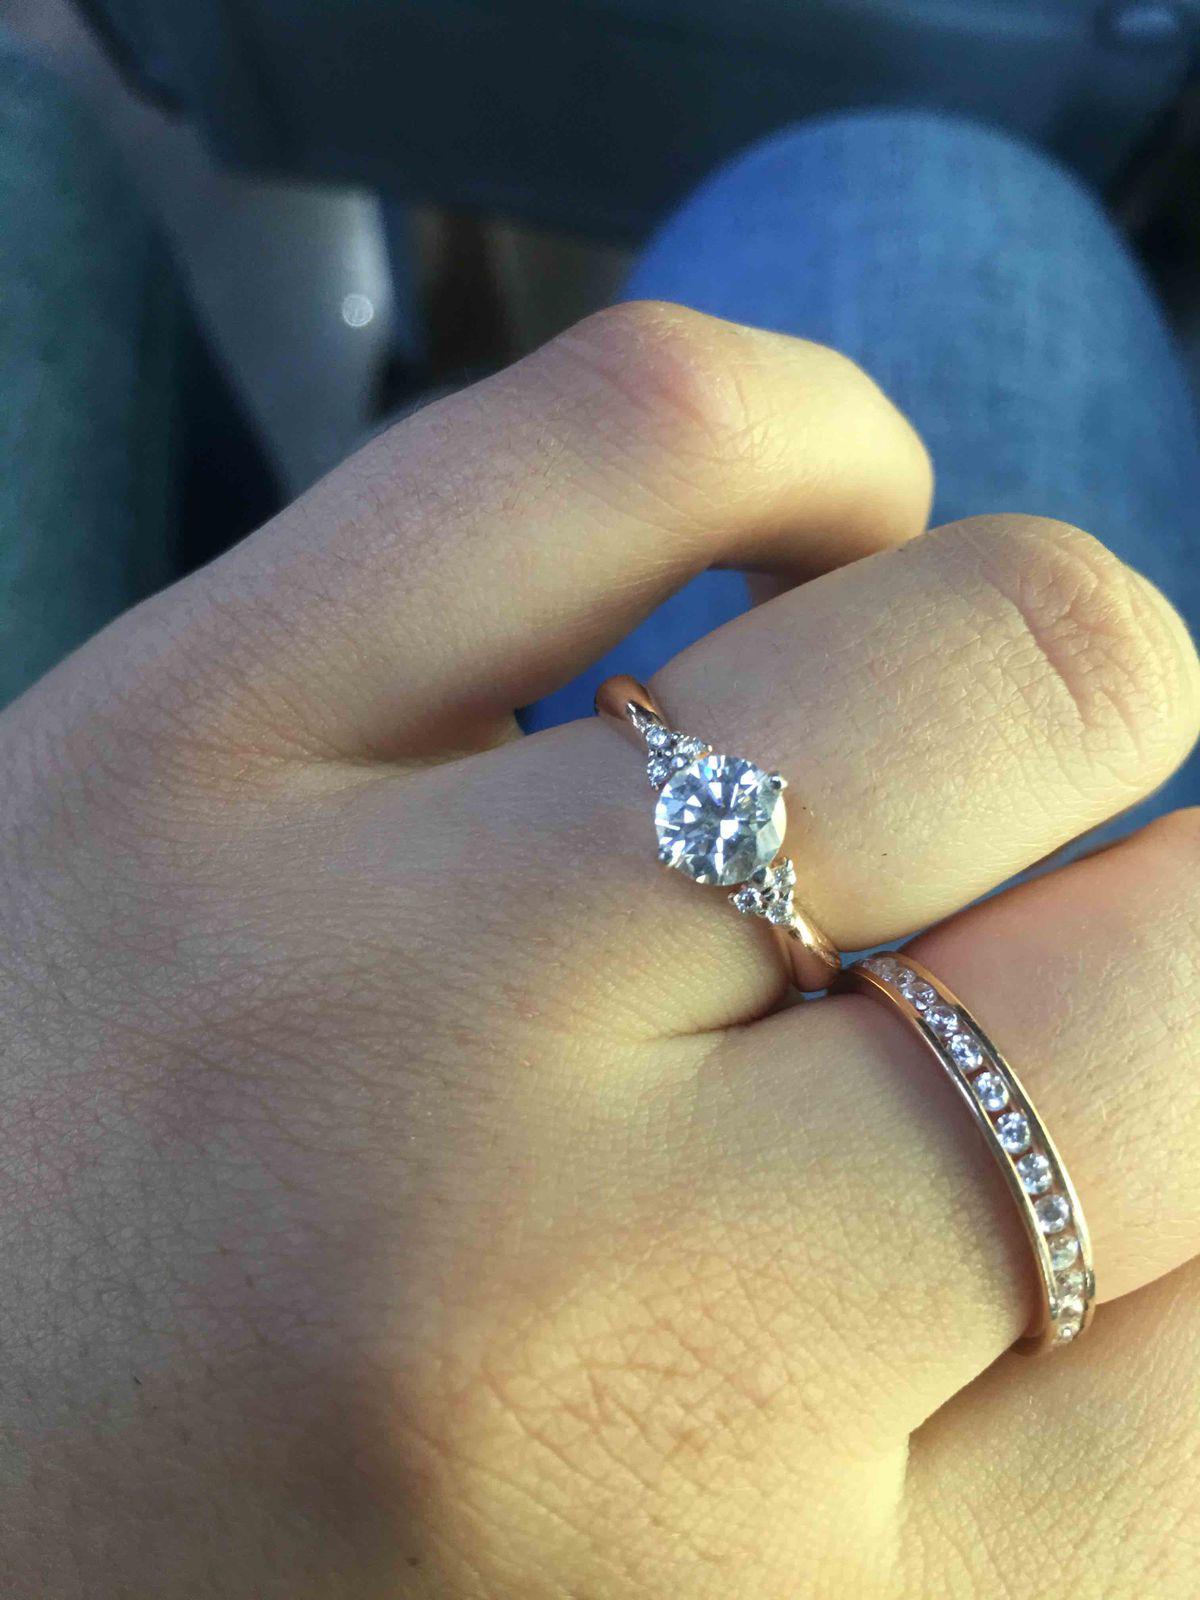 Такое кольцо, уже моя вторая покупка